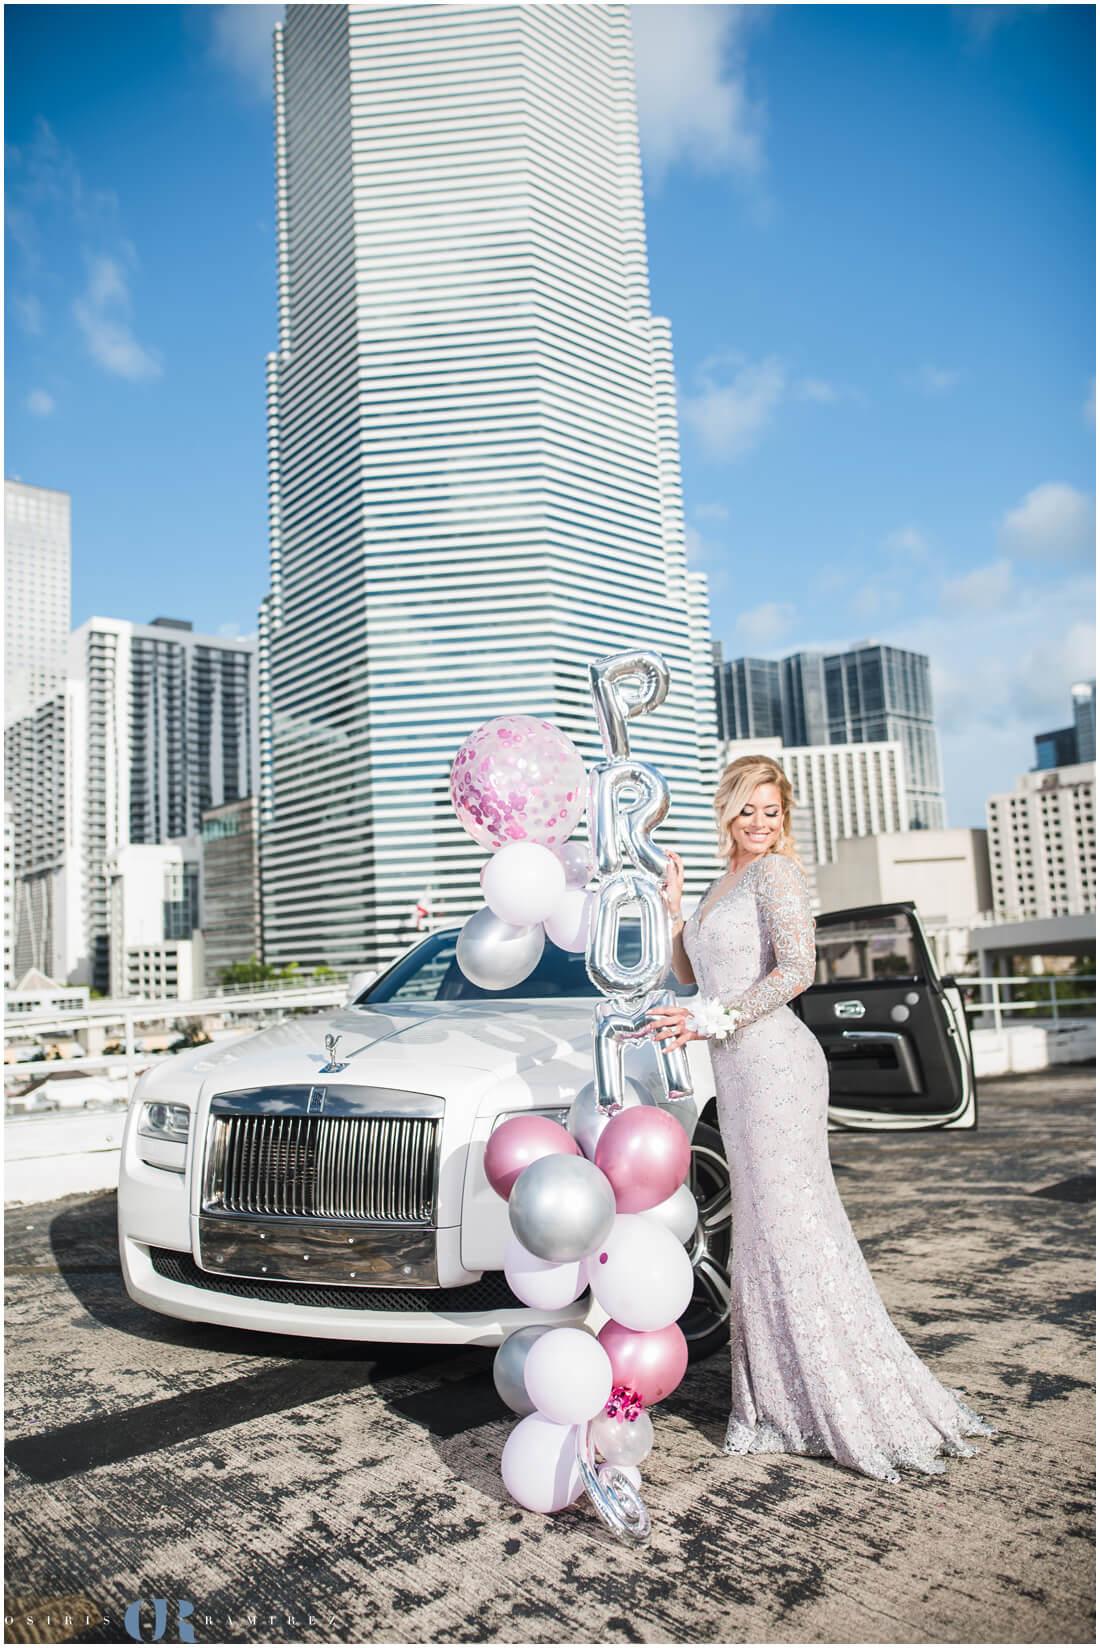 Miami Prom Photo